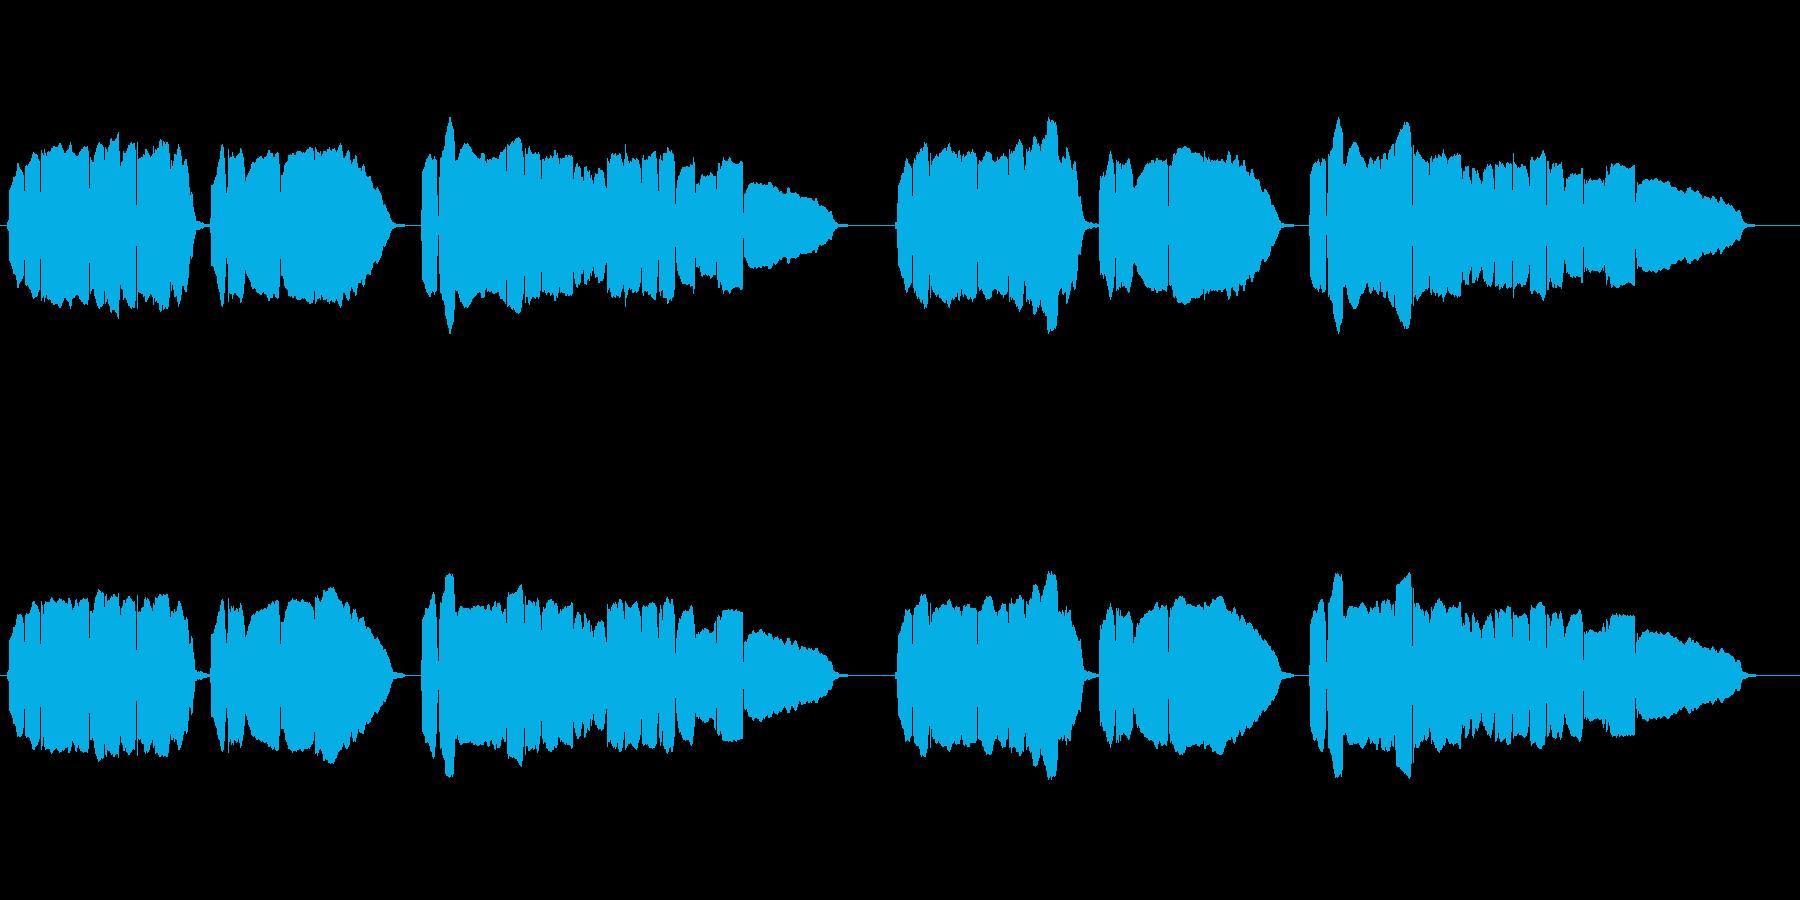 童謡「赤とんぼ」のトランペット独奏の再生済みの波形